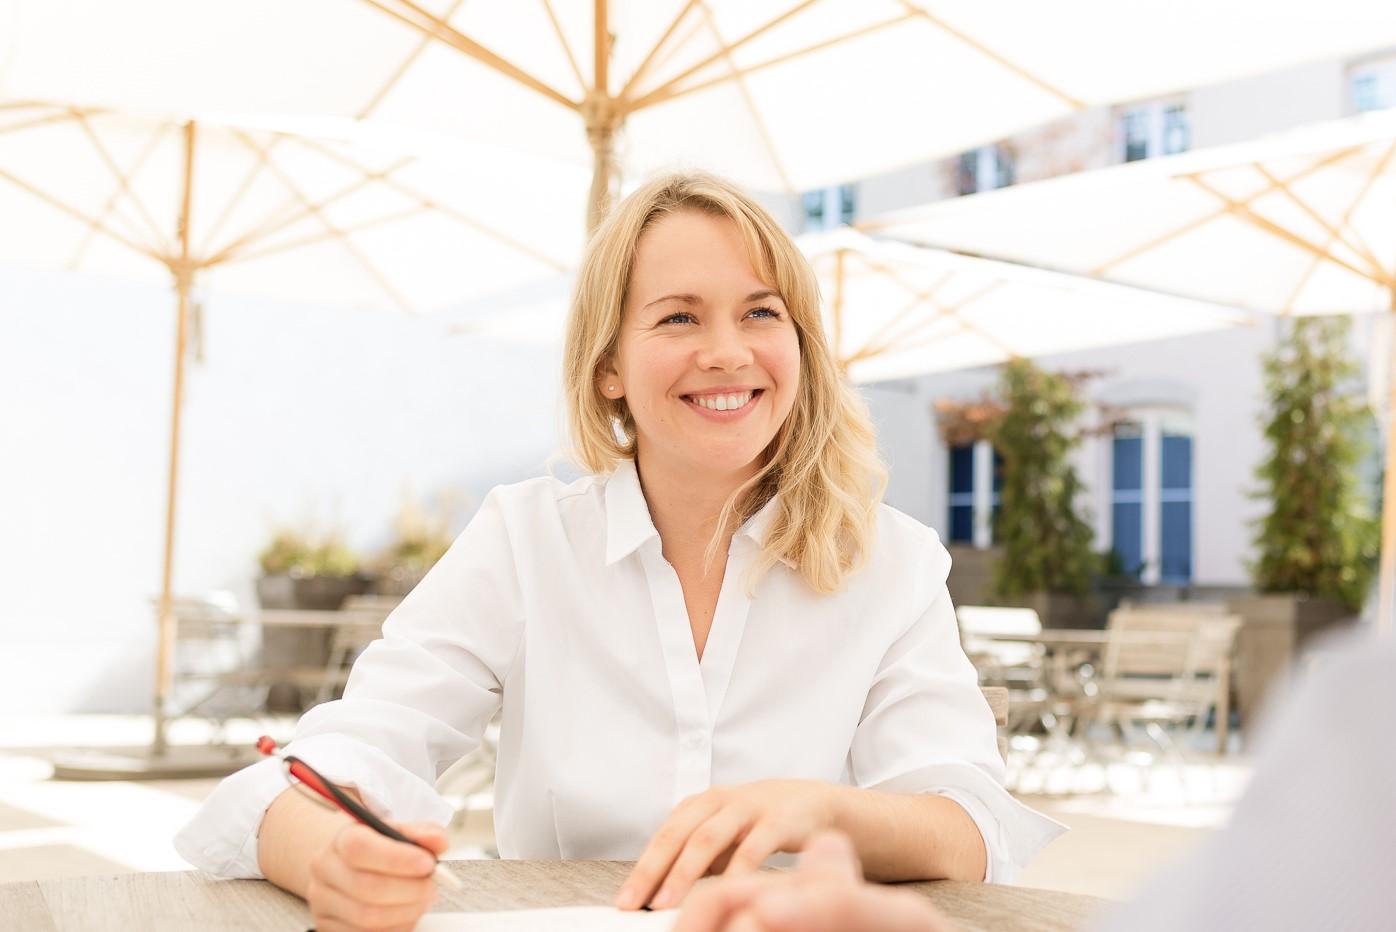 Durch die Angst zur Berufung – Interview mit Transformationscoach Maxine Schiffmann